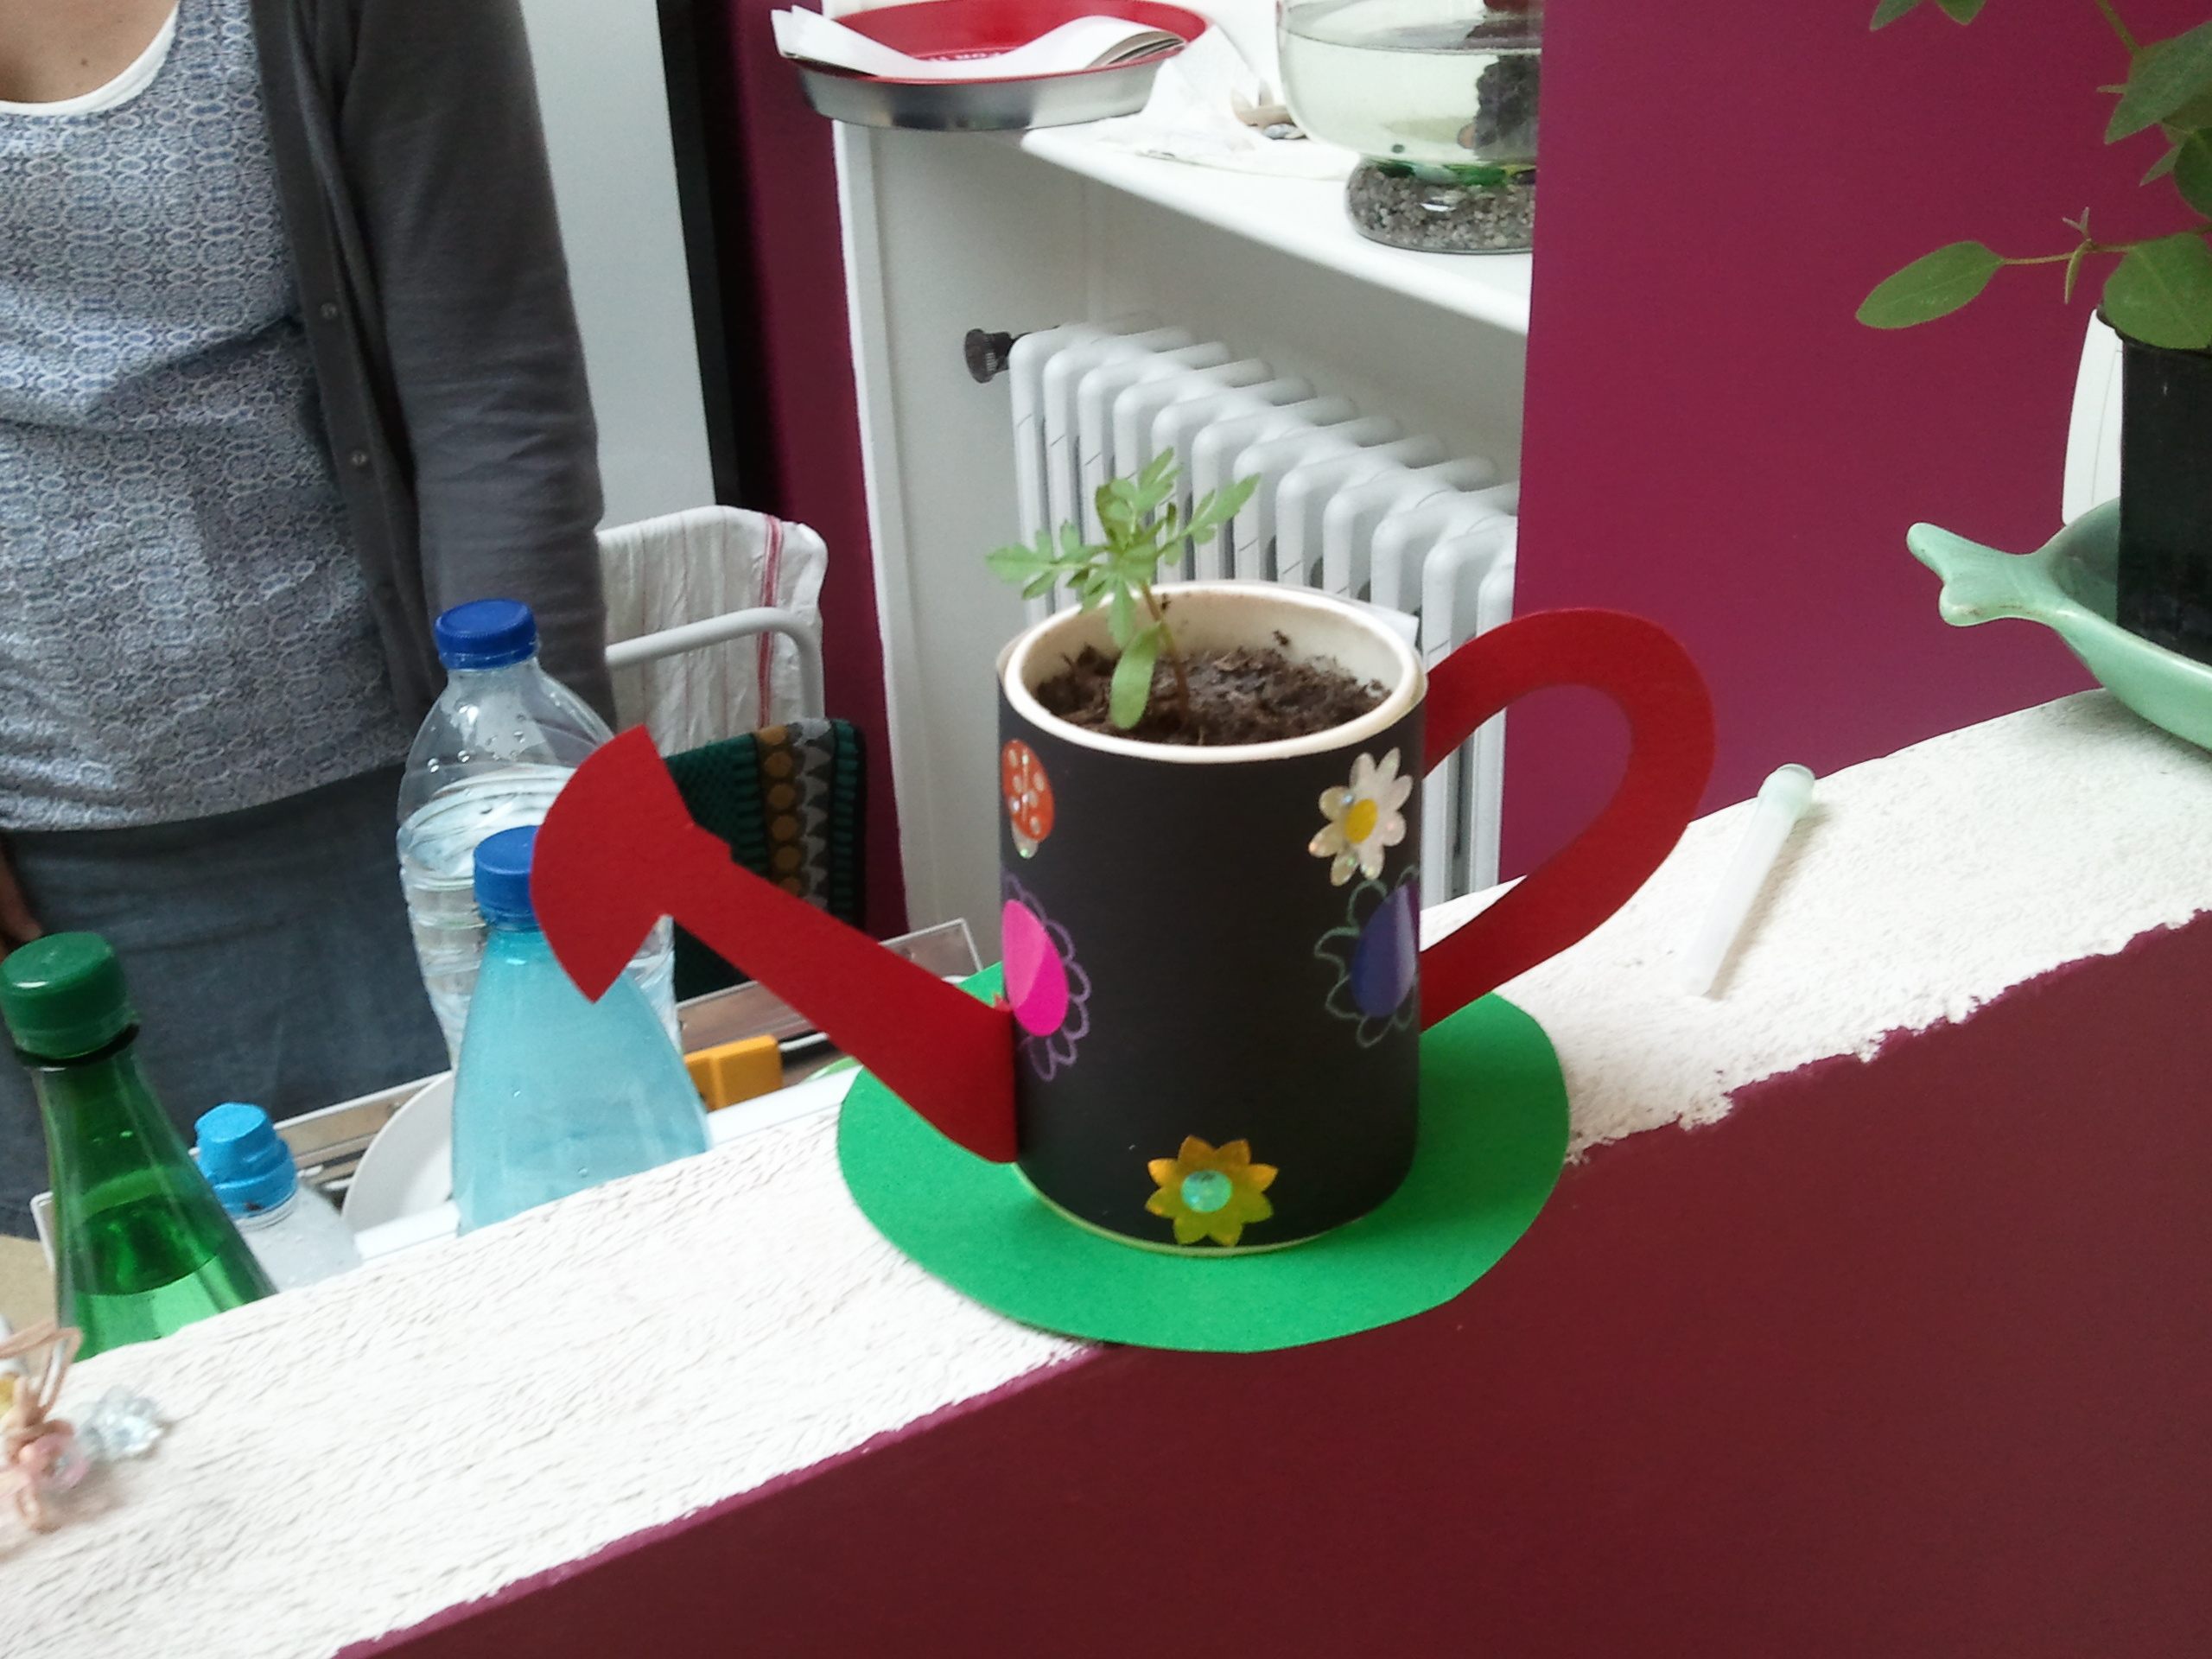 Jardinage aamcr rambouillet assistante maternelle nounou - Activite manuelle jardinage ...